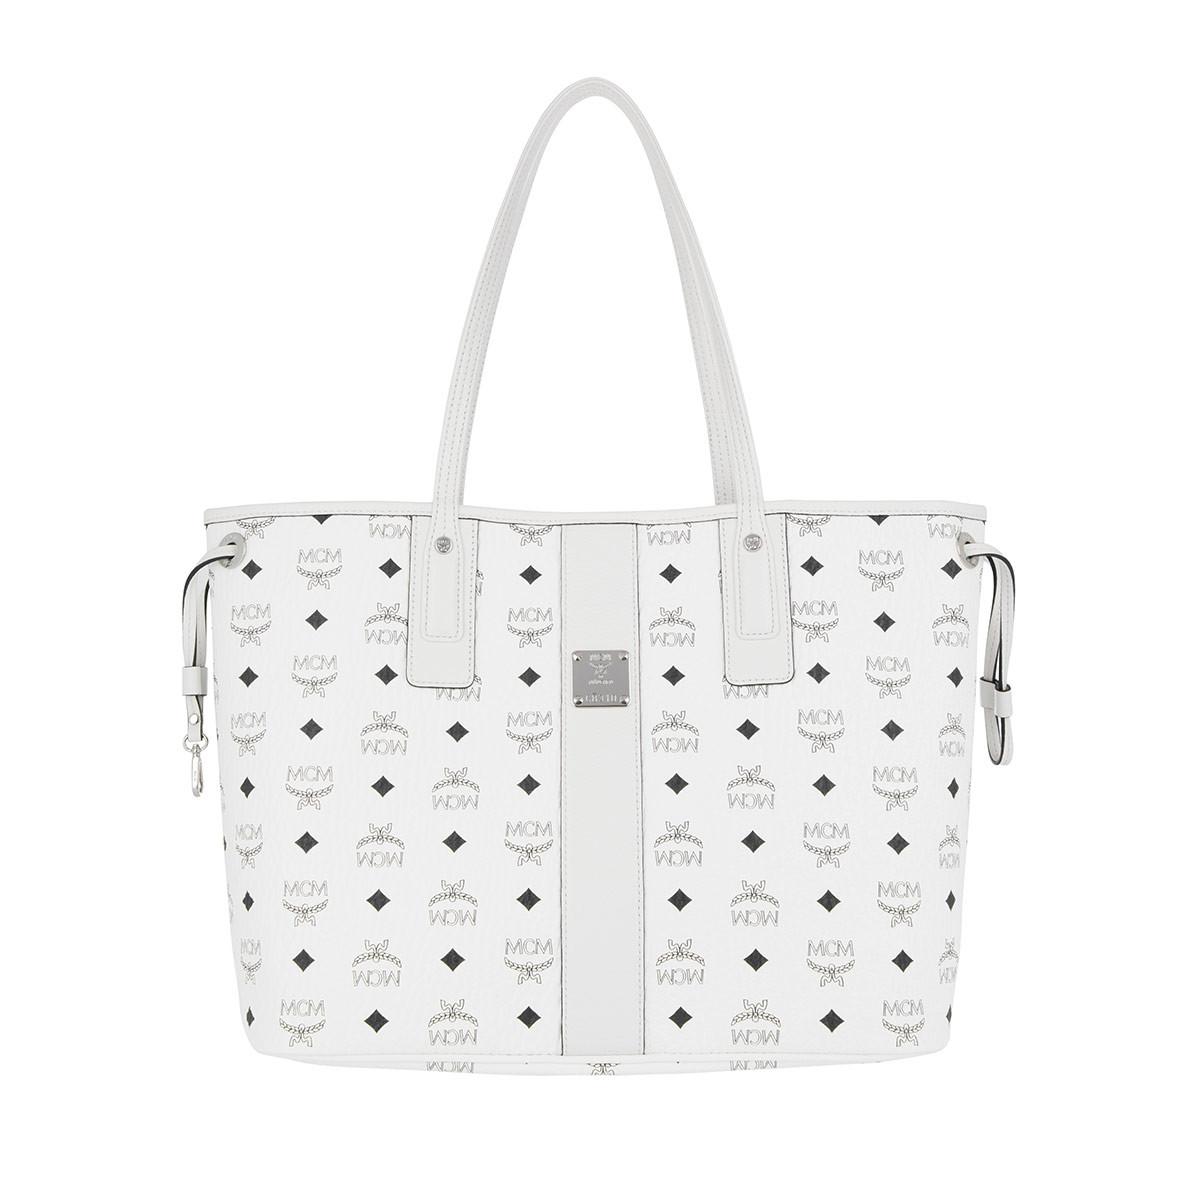 Tracolle Mcm - Shopper Reversibile Visetos Bianco Di Media Al Bianco Per Le Donne Zz9urtv